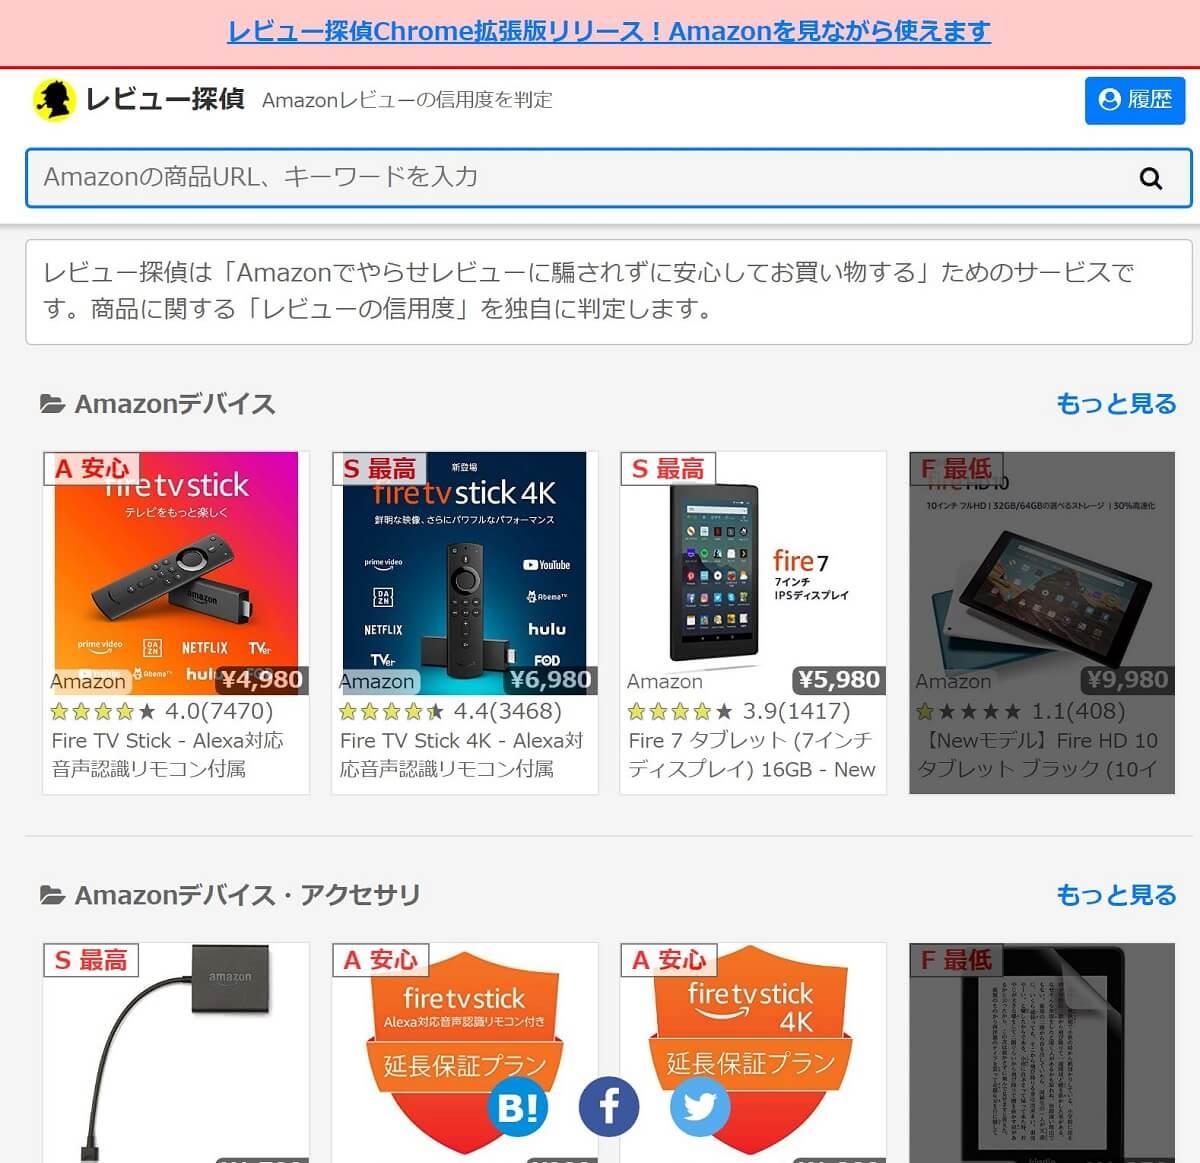 レビュー探偵WEB版トップページ画像